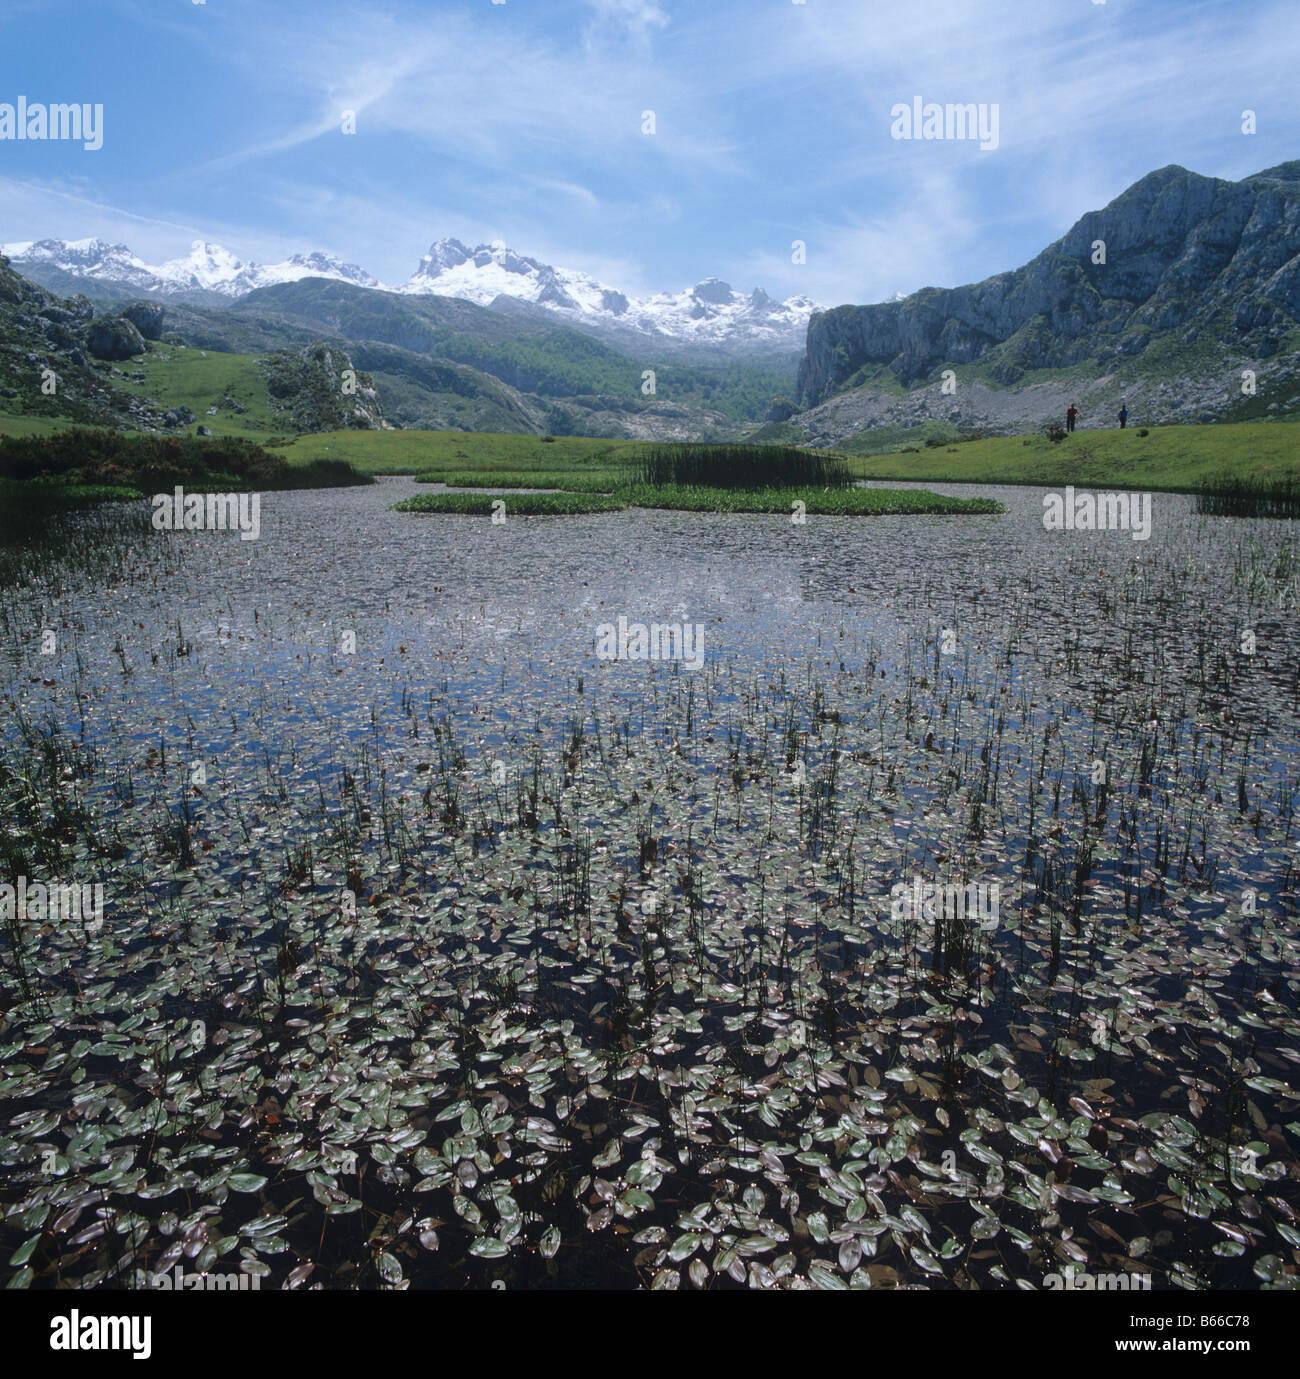 Piscine à la sortie d'un lac de haute montagne dans le parc national Picos de Europa en Espagne Photo Stock